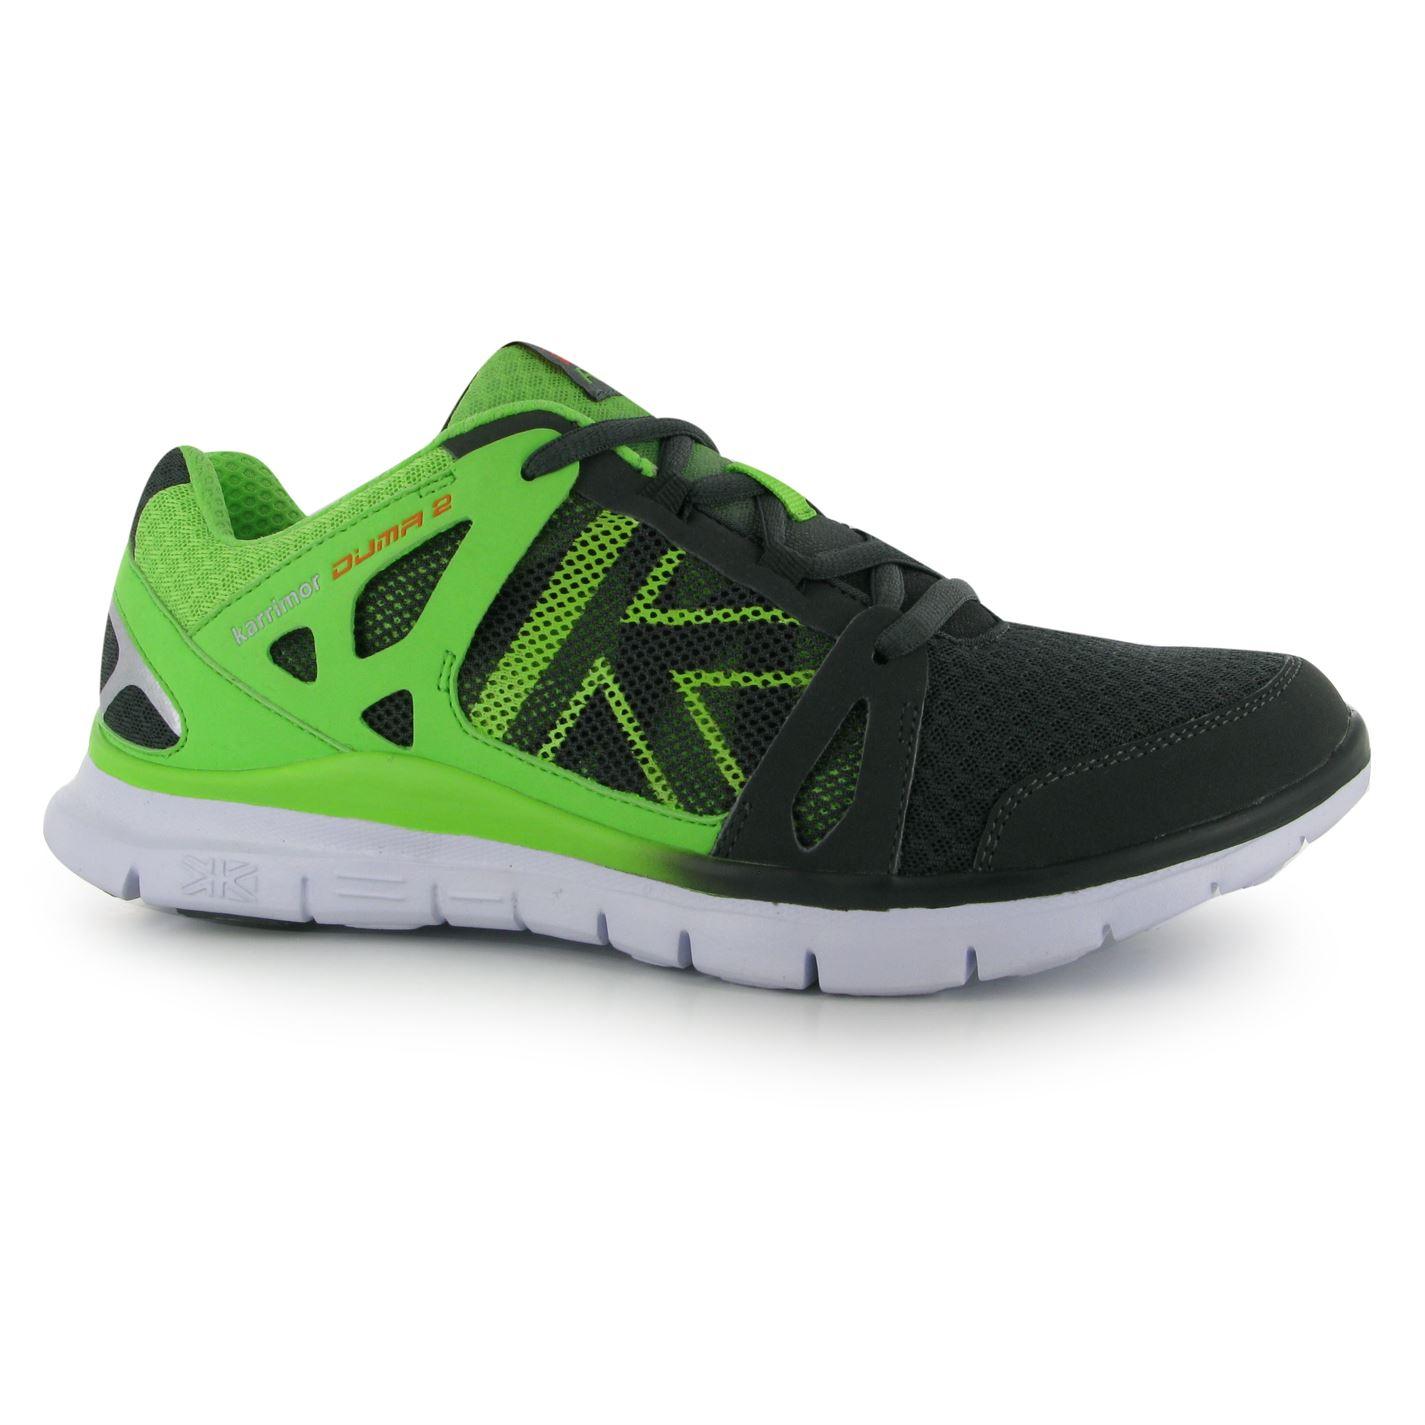 8f429382f boty Karrimor Duma 2 pánské Running Shoes Charcoal/Green - Glami.cz